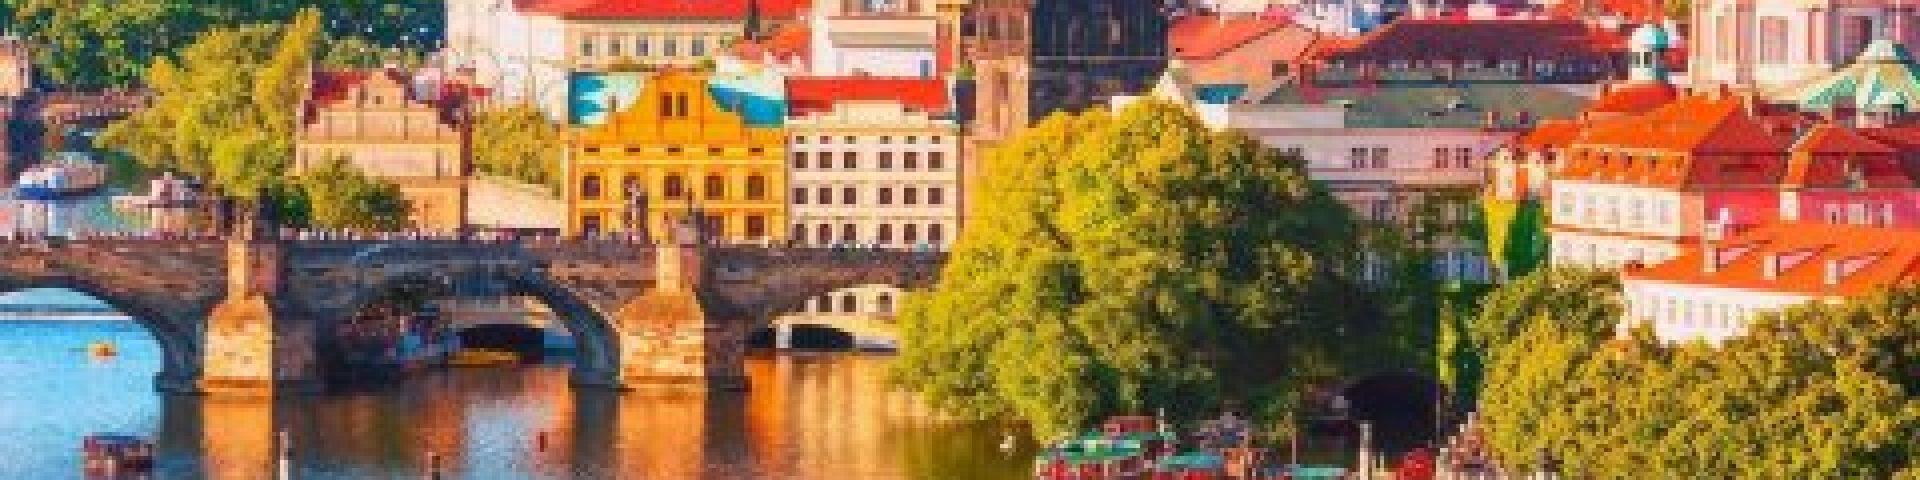 Авиабилеты в Прагу: опыт поиска лучшего рейса